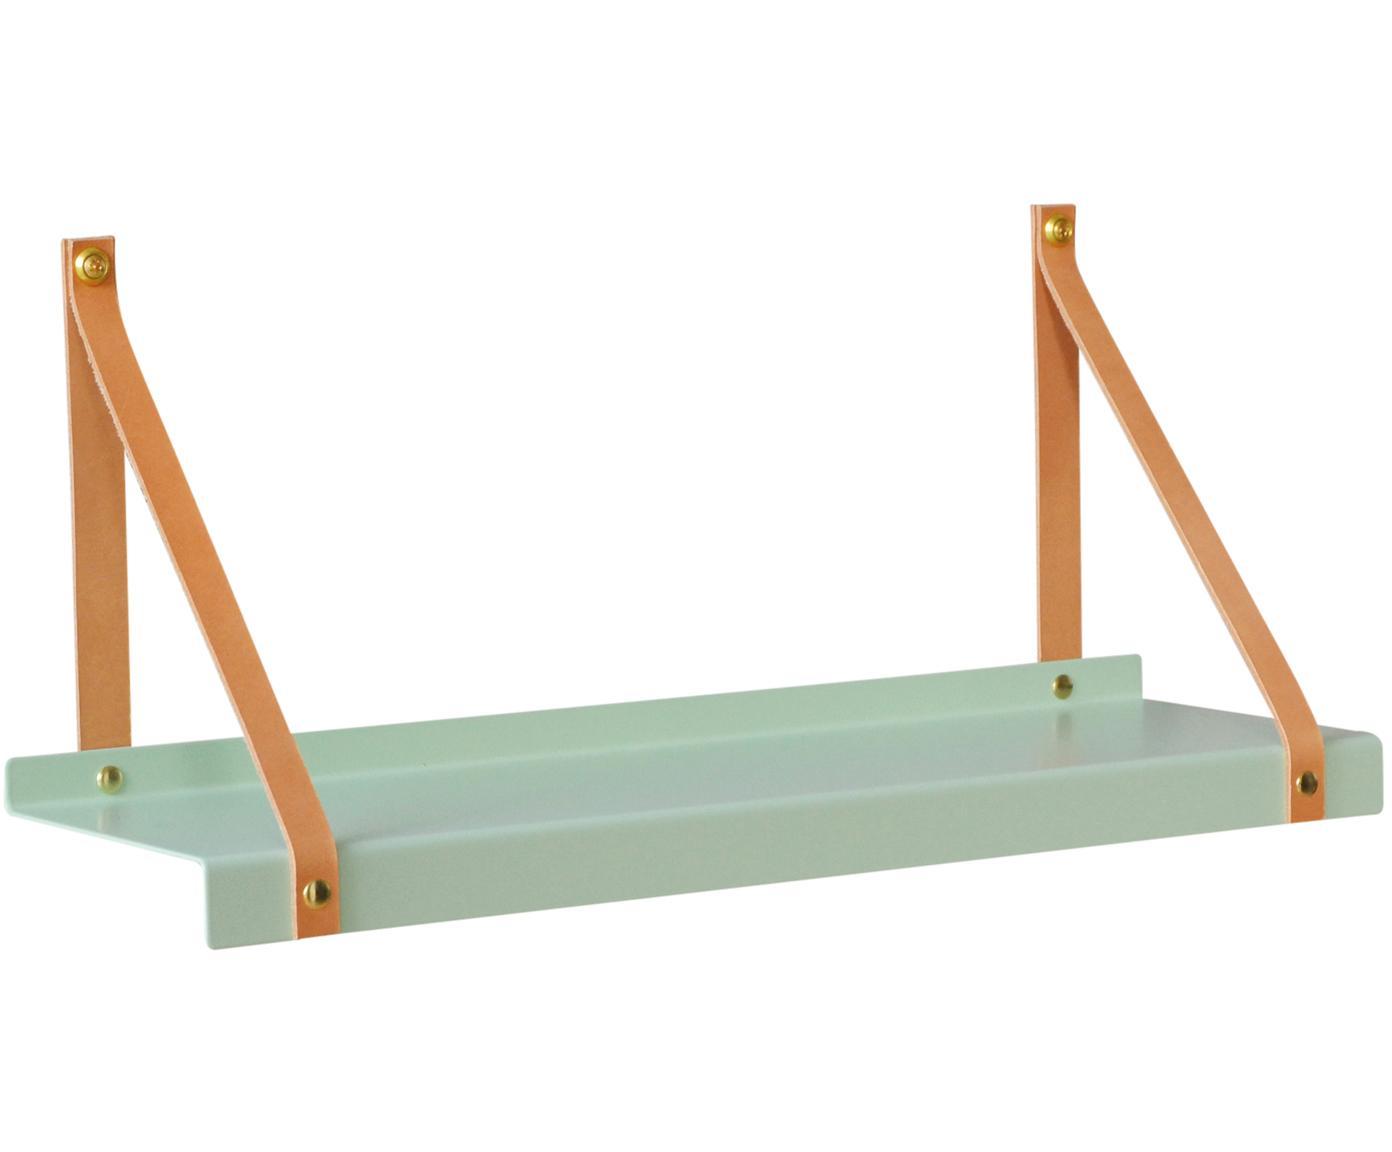 Metall-Wandregal Shelfie mit Lederriemen, Regalbrett: Metall, pulverbeschichtet, Riemen: Leder, Mint, Braun, 50 x 23 cm